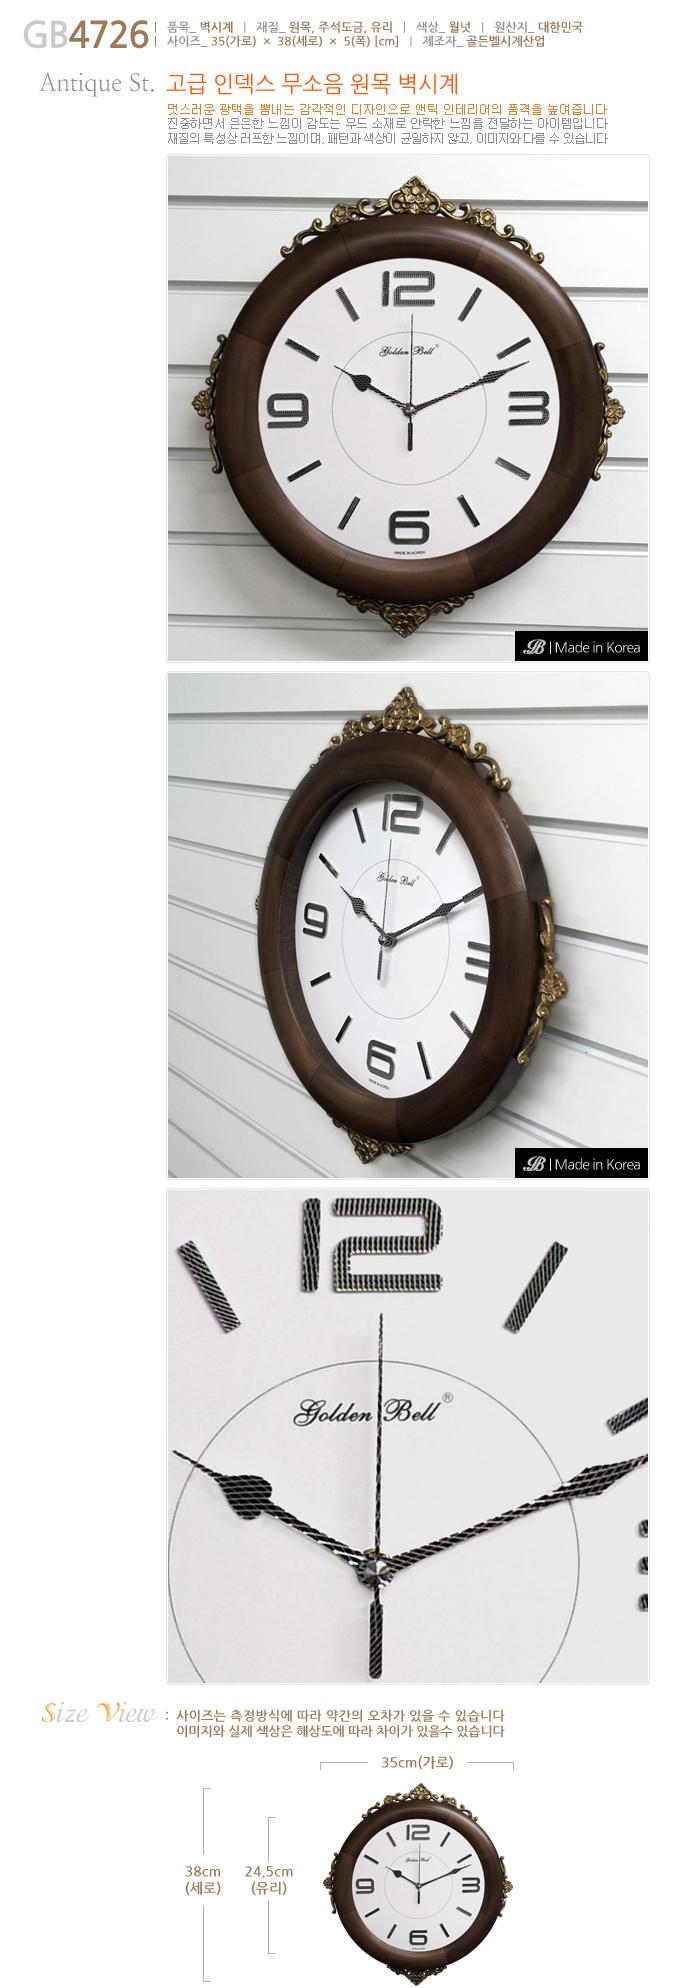 GB4726 고급 인덱스 무소음 원목 벽시계 월넛 - 골든벨시계, 97,000원, 벽시계, 무소음/저소음